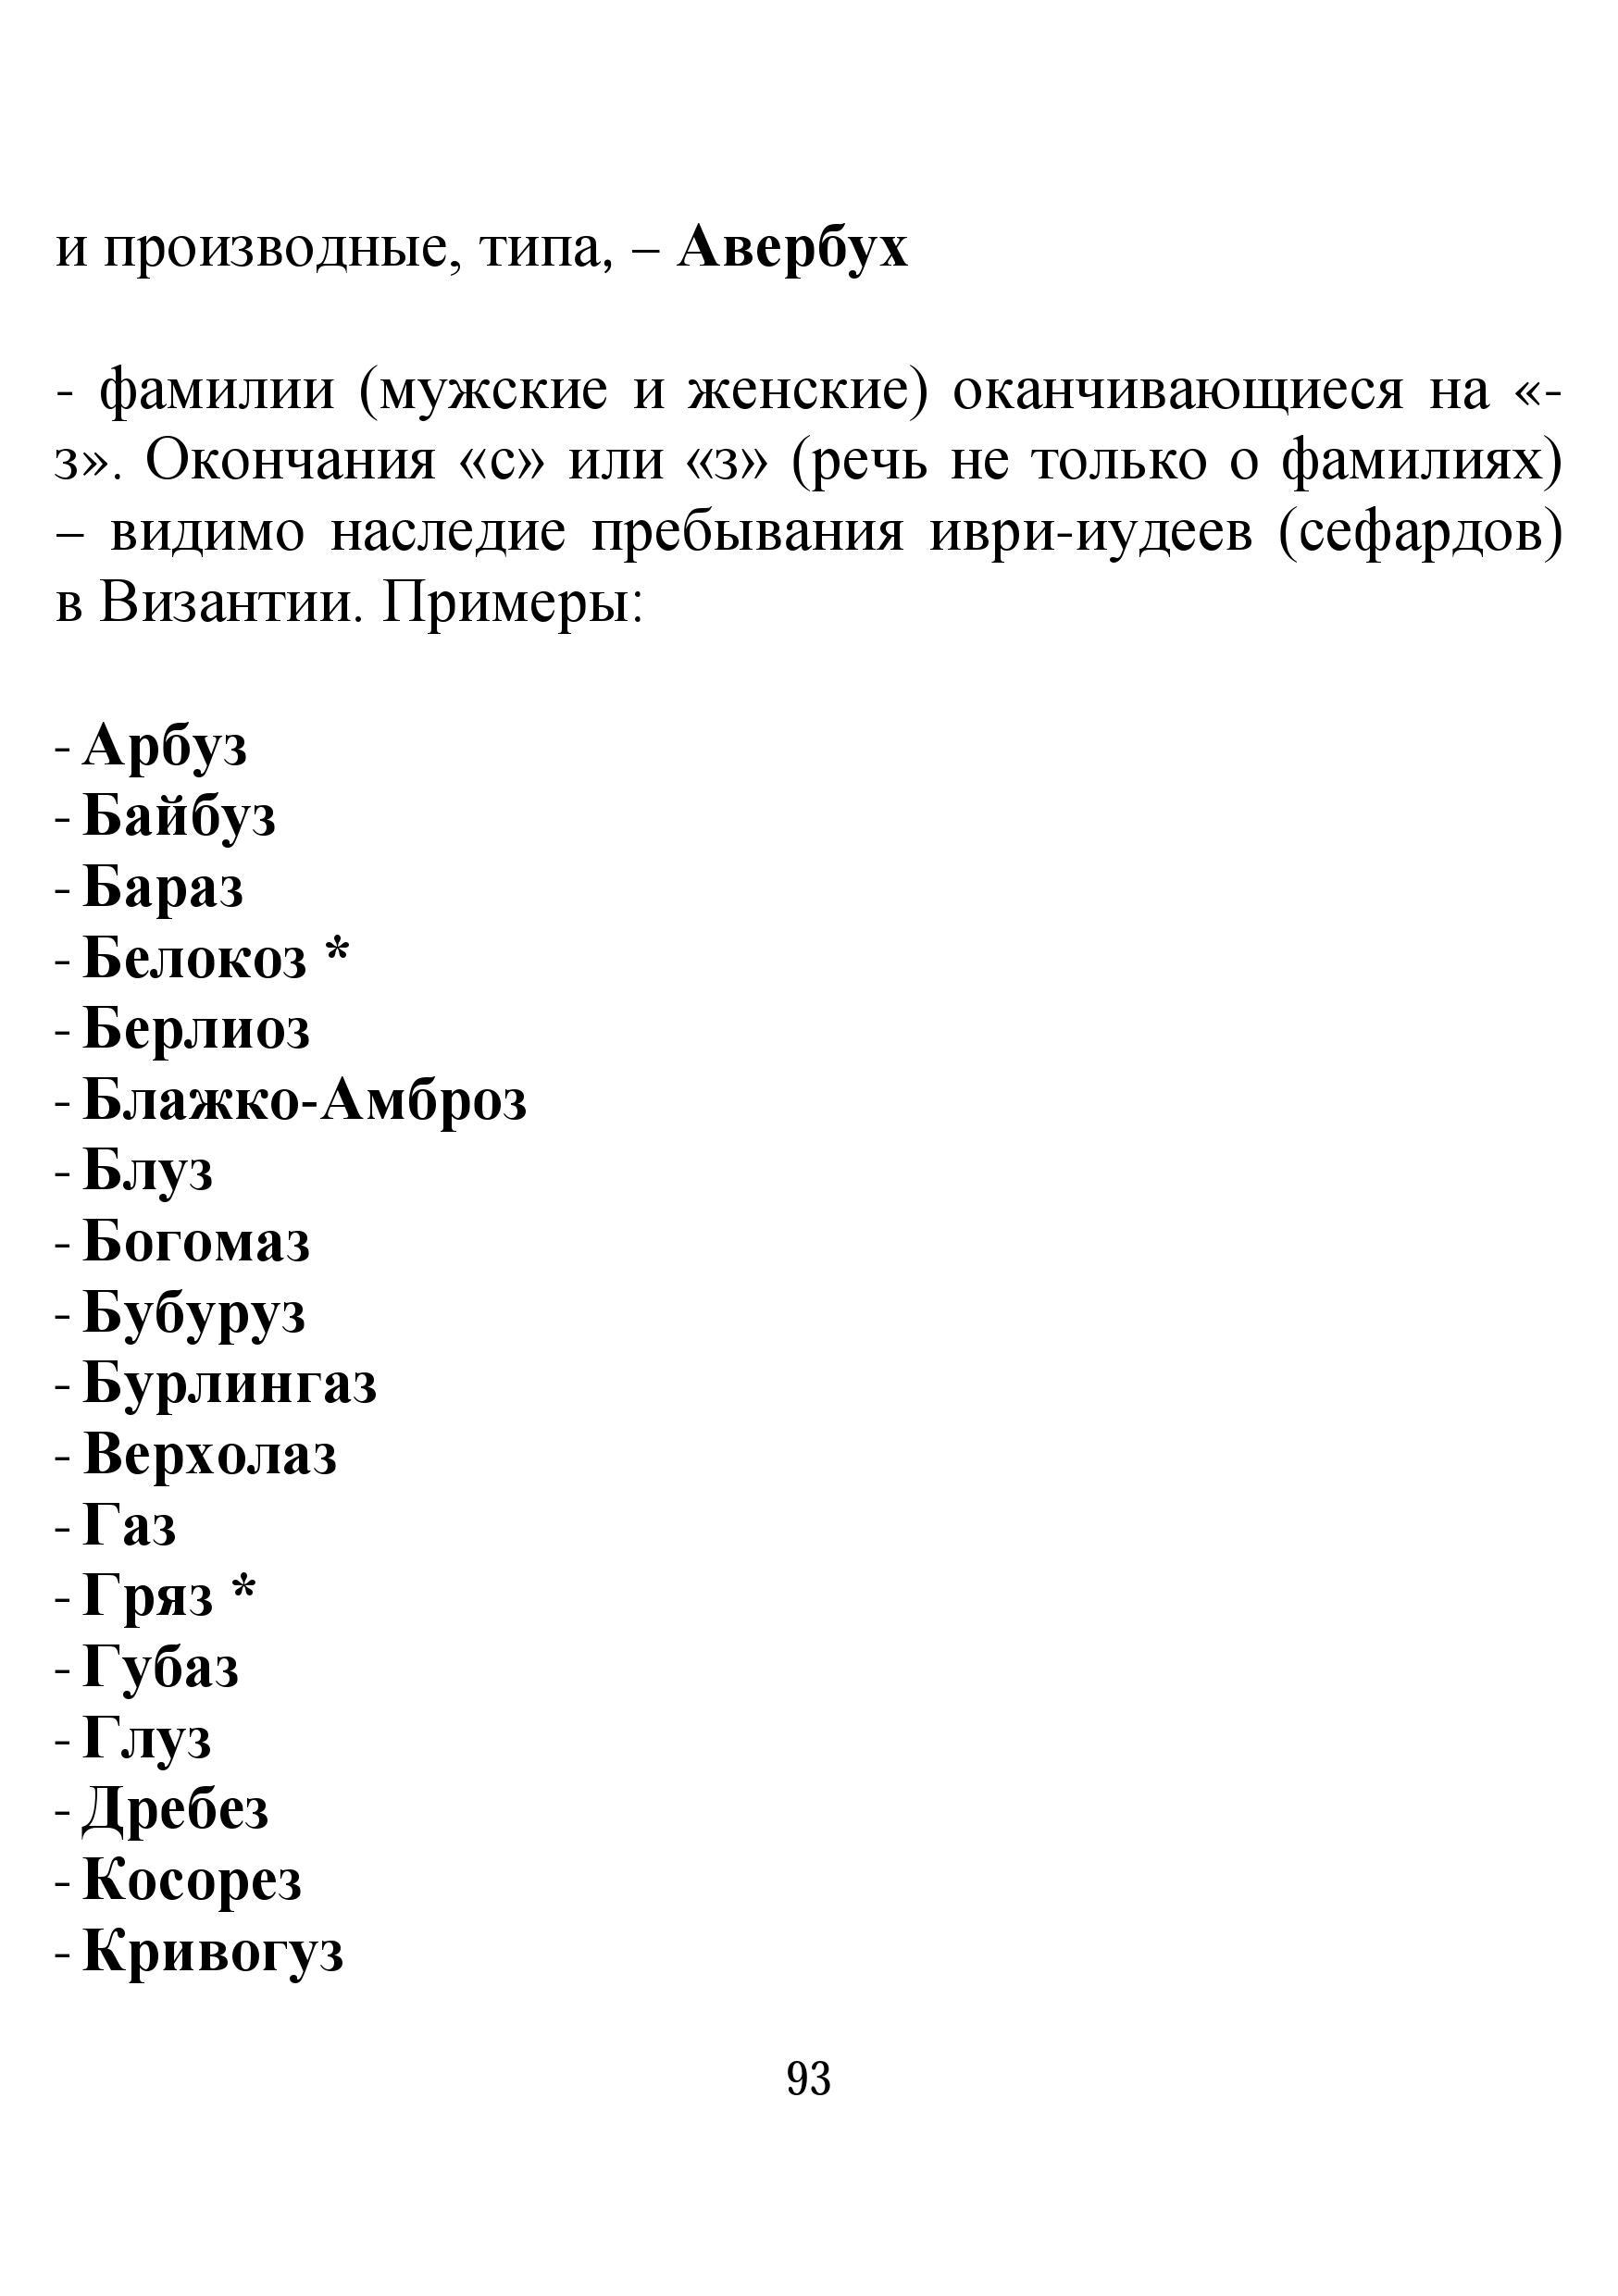 http://s3.uploads.ru/ymRnG.jpg